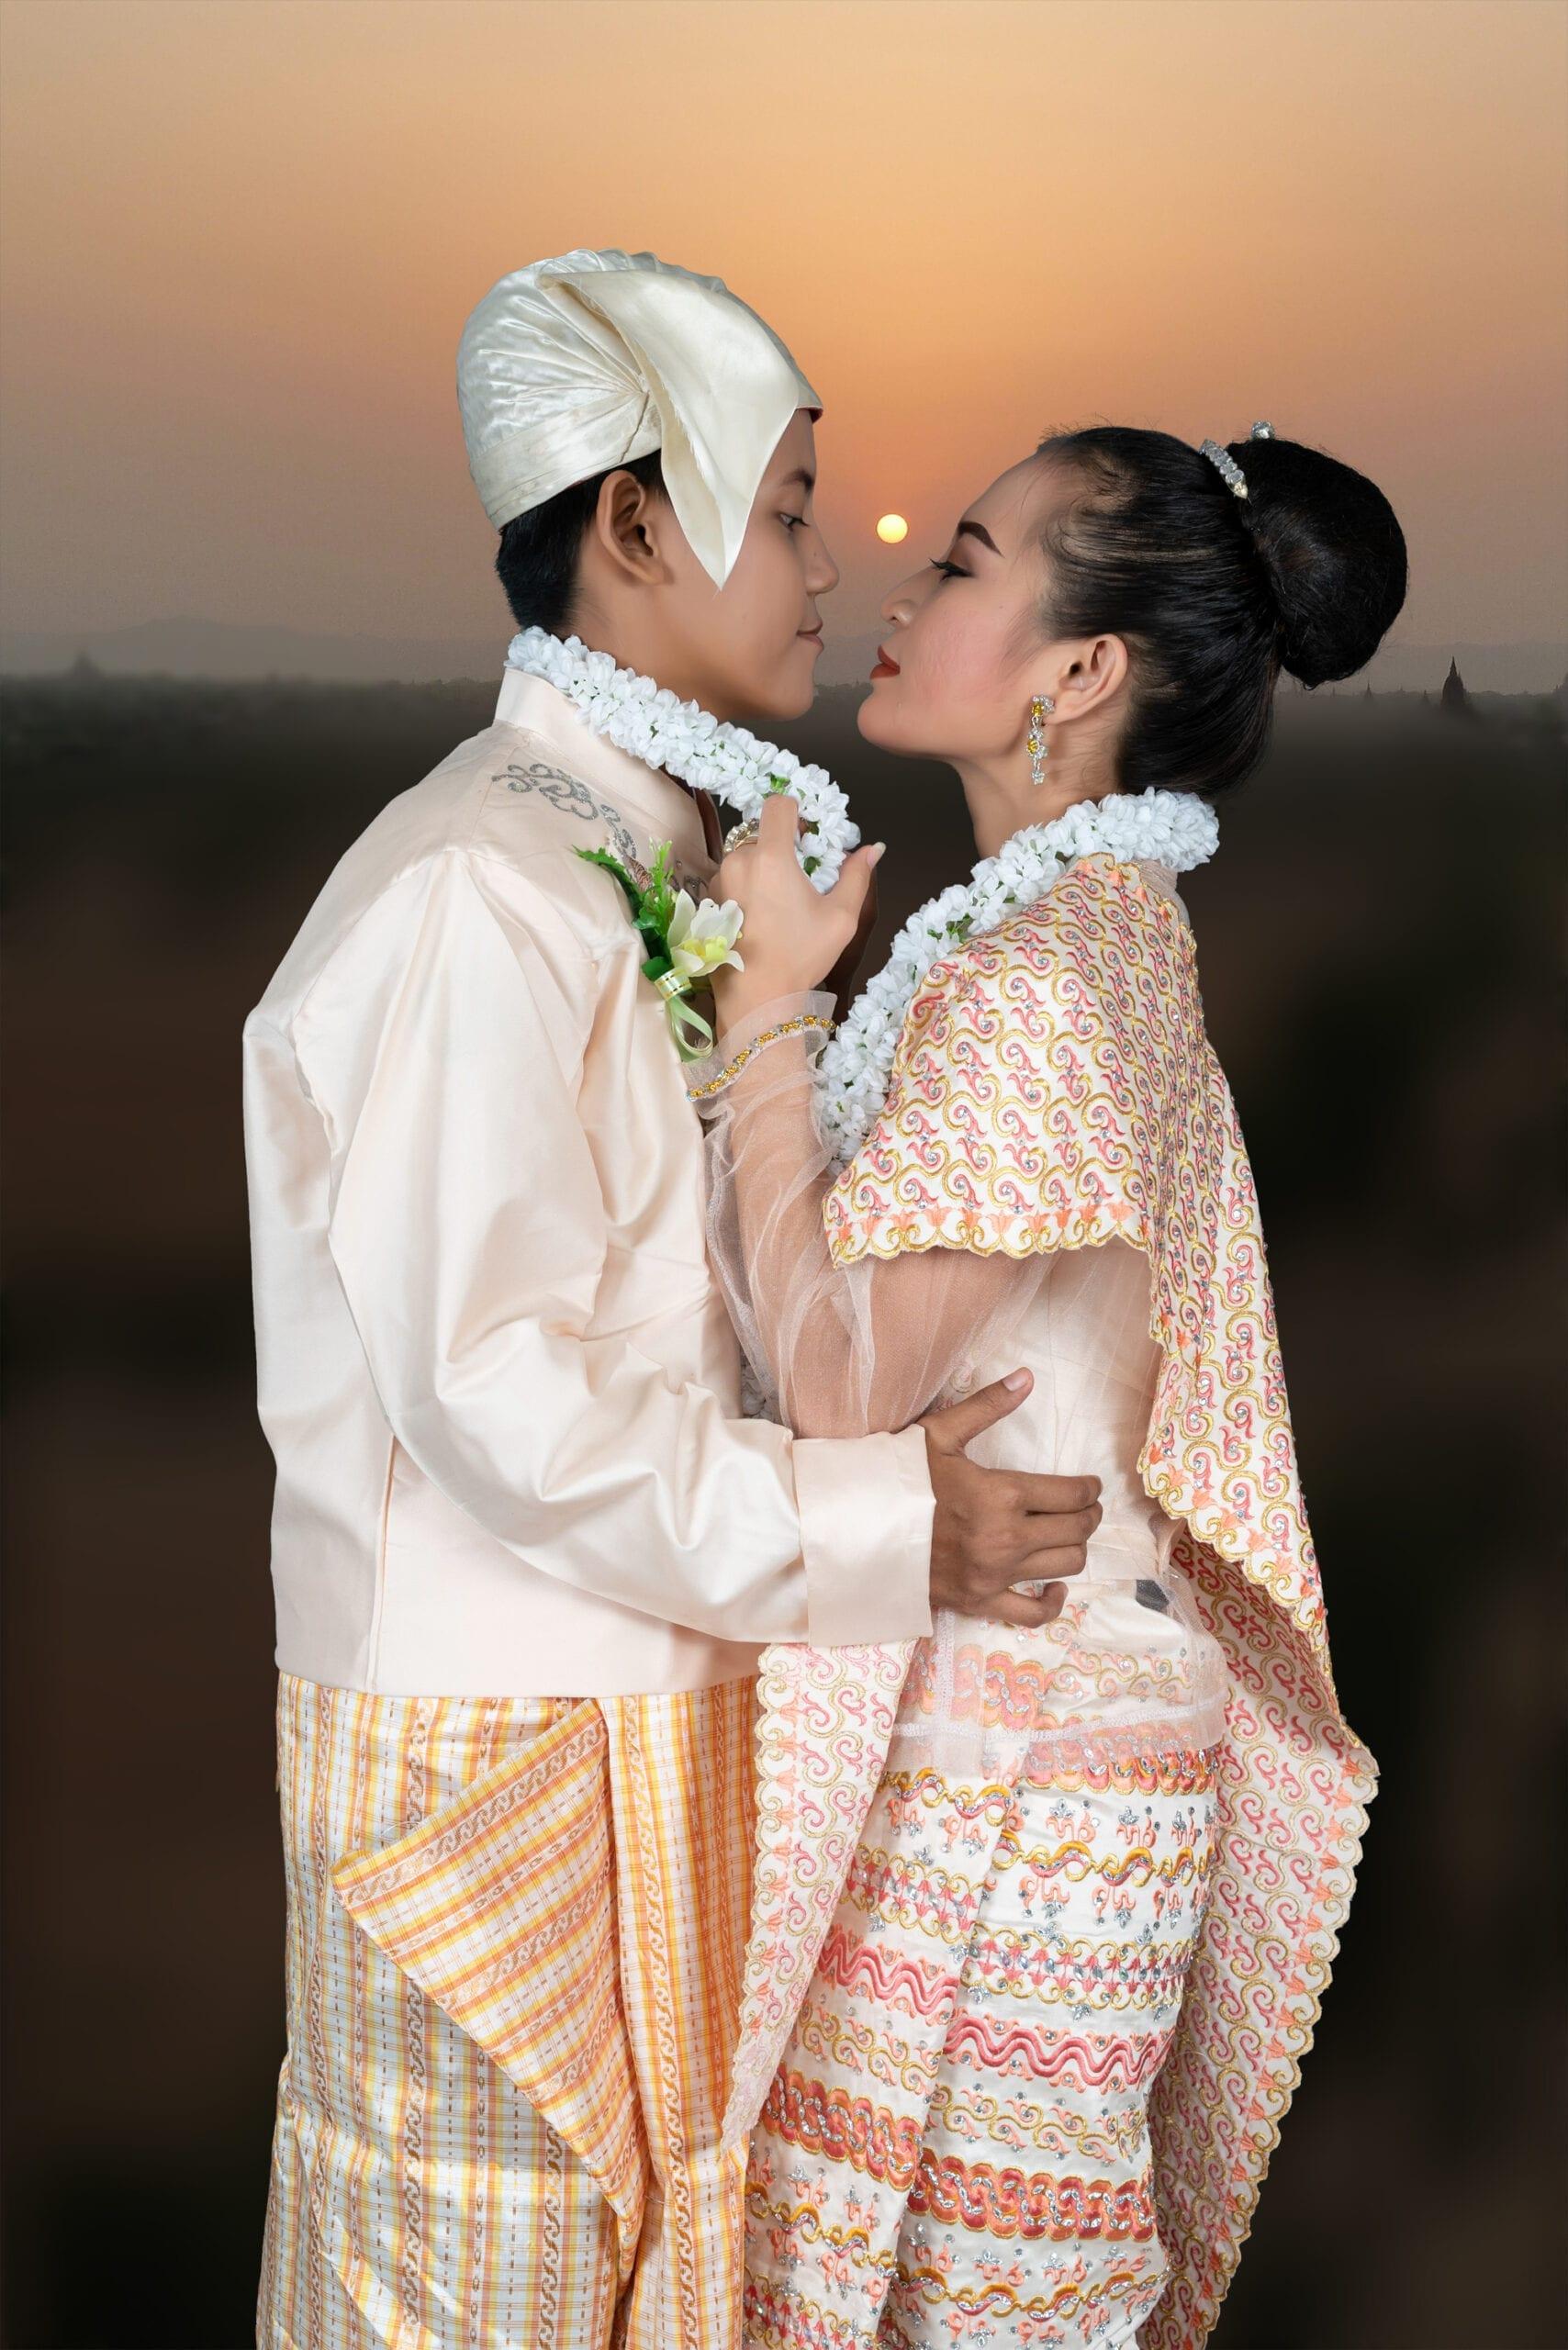 Aung La and Thu Thu 02